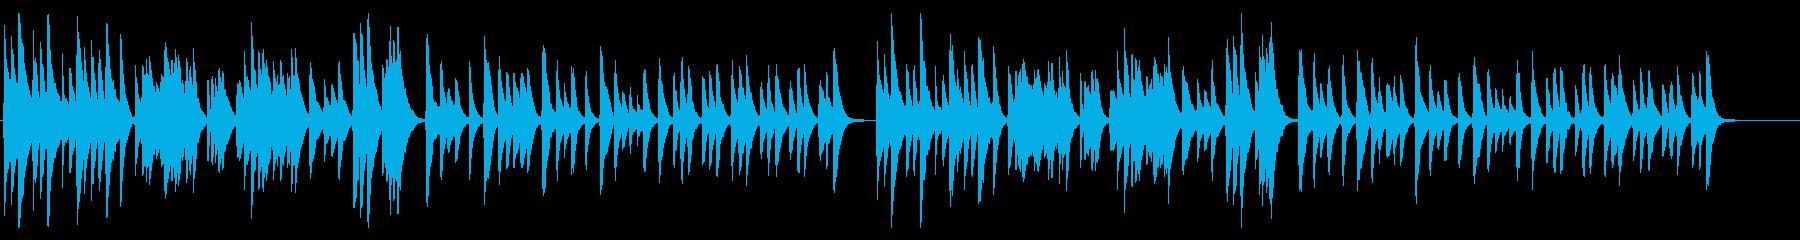 和風、懐石で流れそうな落ち着いた琴Bの再生済みの波形